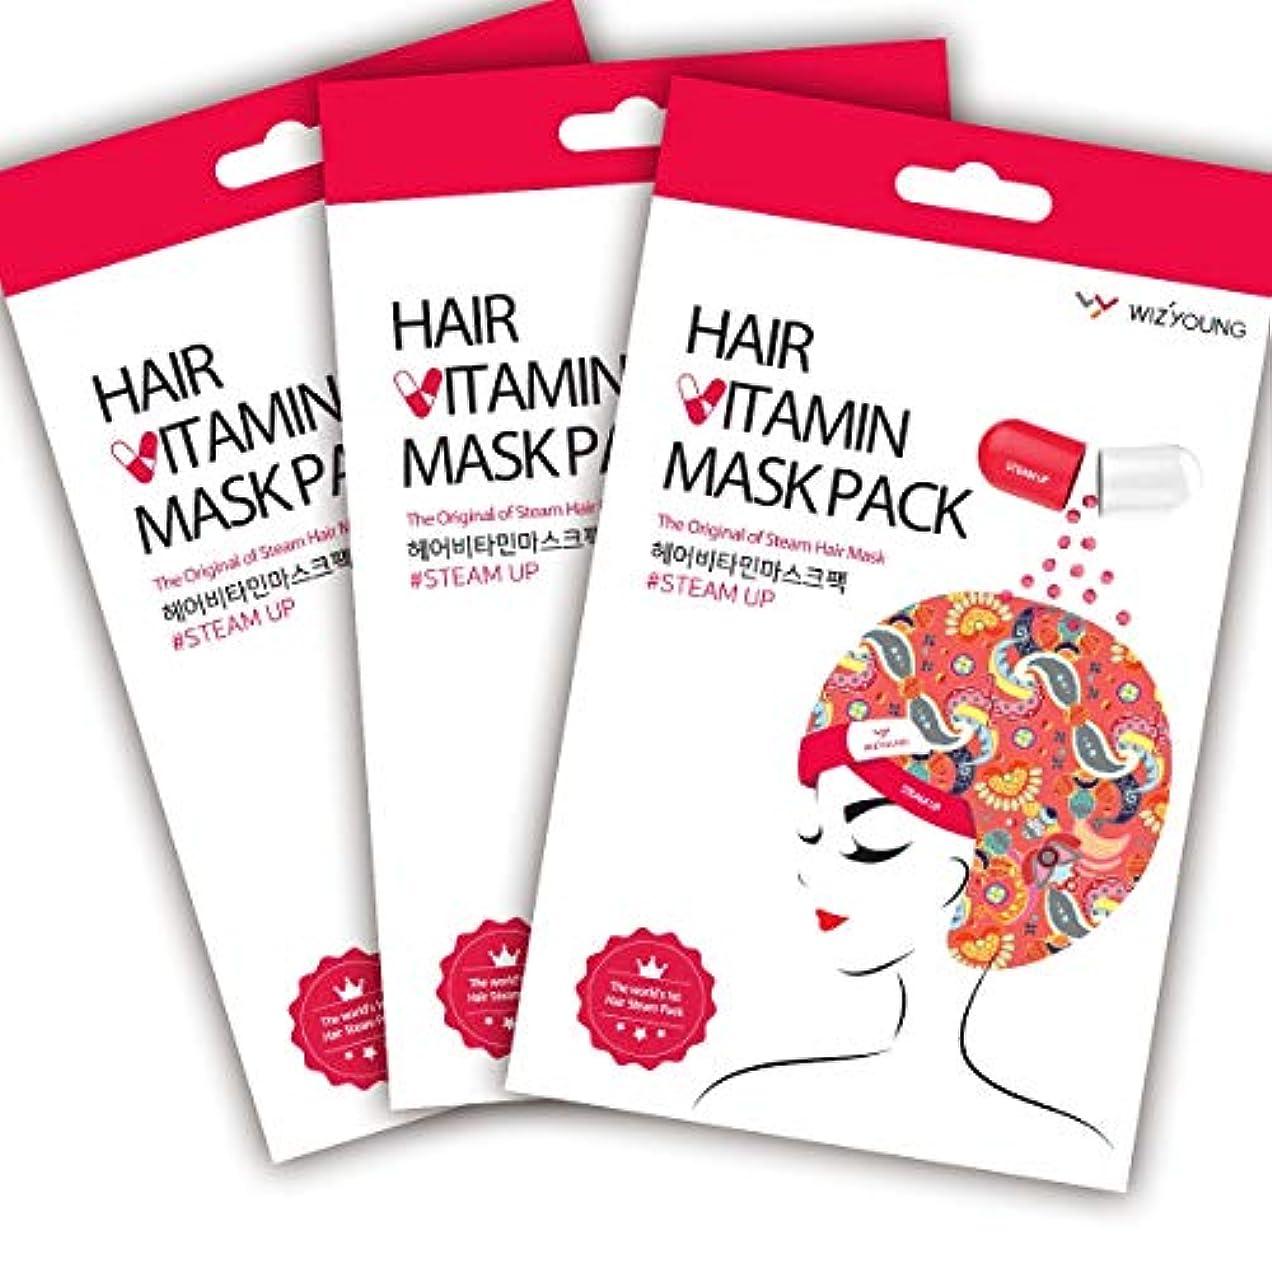 異常プレゼンタードリンクヘアビタミンマスクパック スチームアップ 3パックセット HAIR VITAMIN MASK PACK STEAM UP